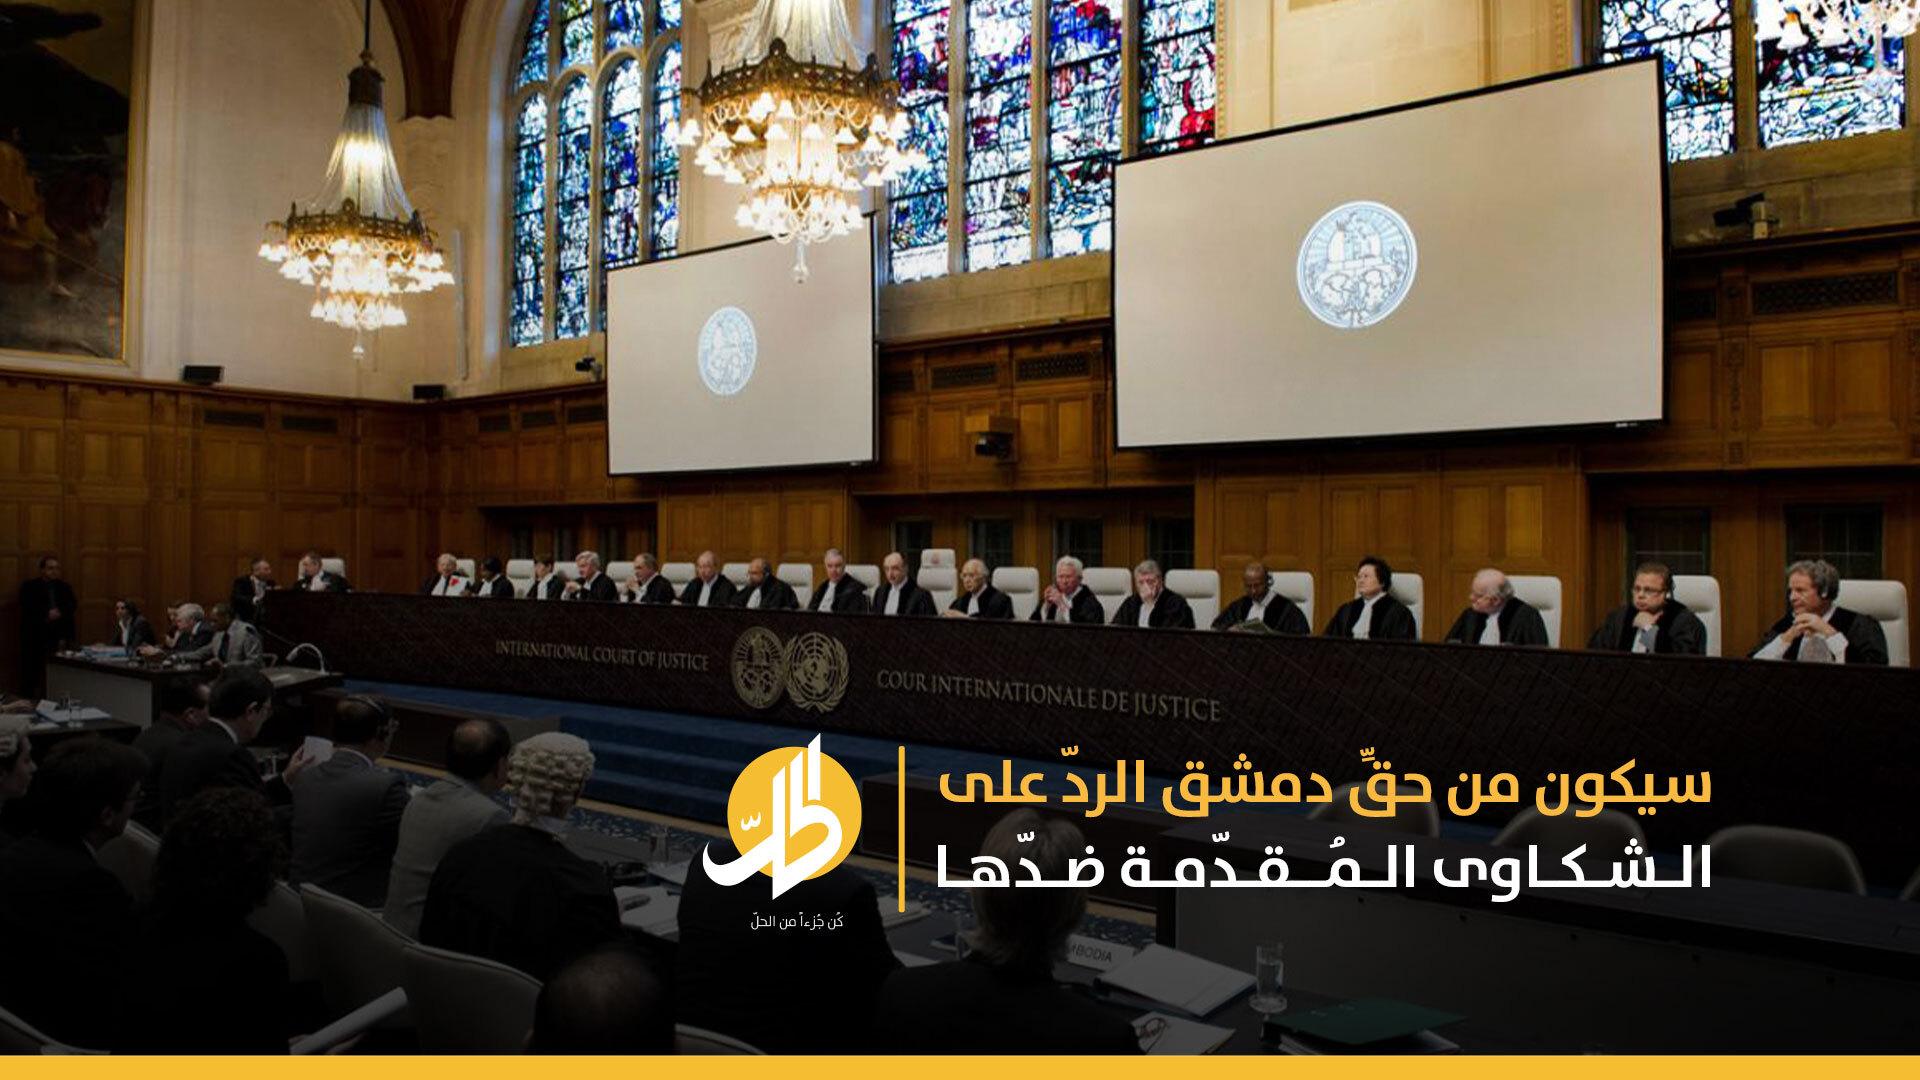 دمشق والحوار حول اتفاقية (مناهضة التعذيب).. إحقاق الحق أم مراوغةٌ أخيرة للأسد؟